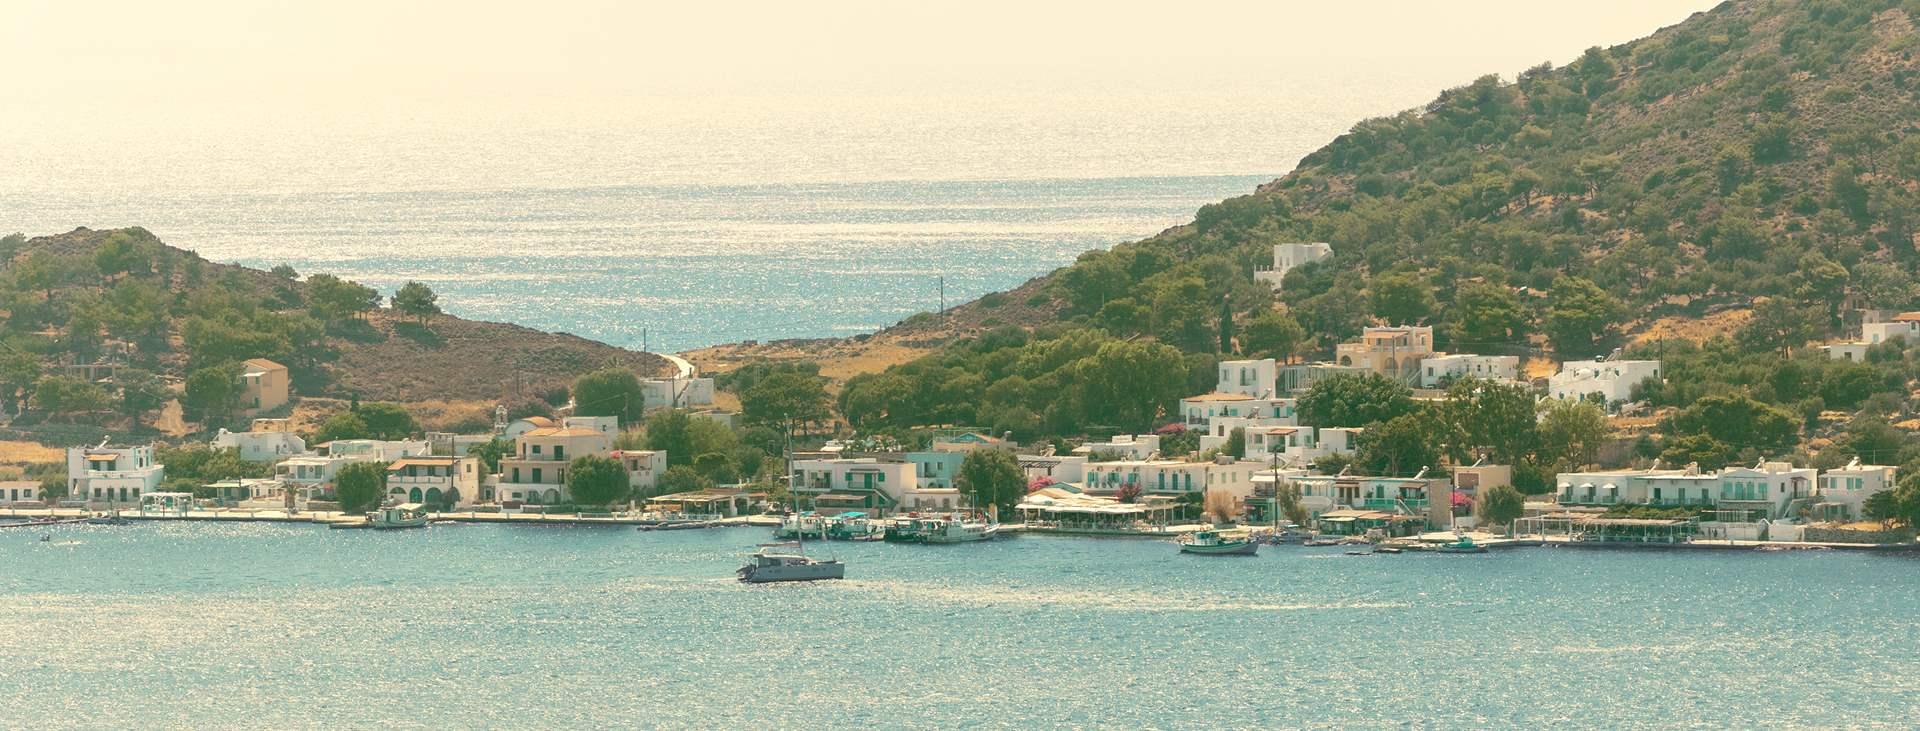 Boka din resa till Telendos i Grekland med Ving